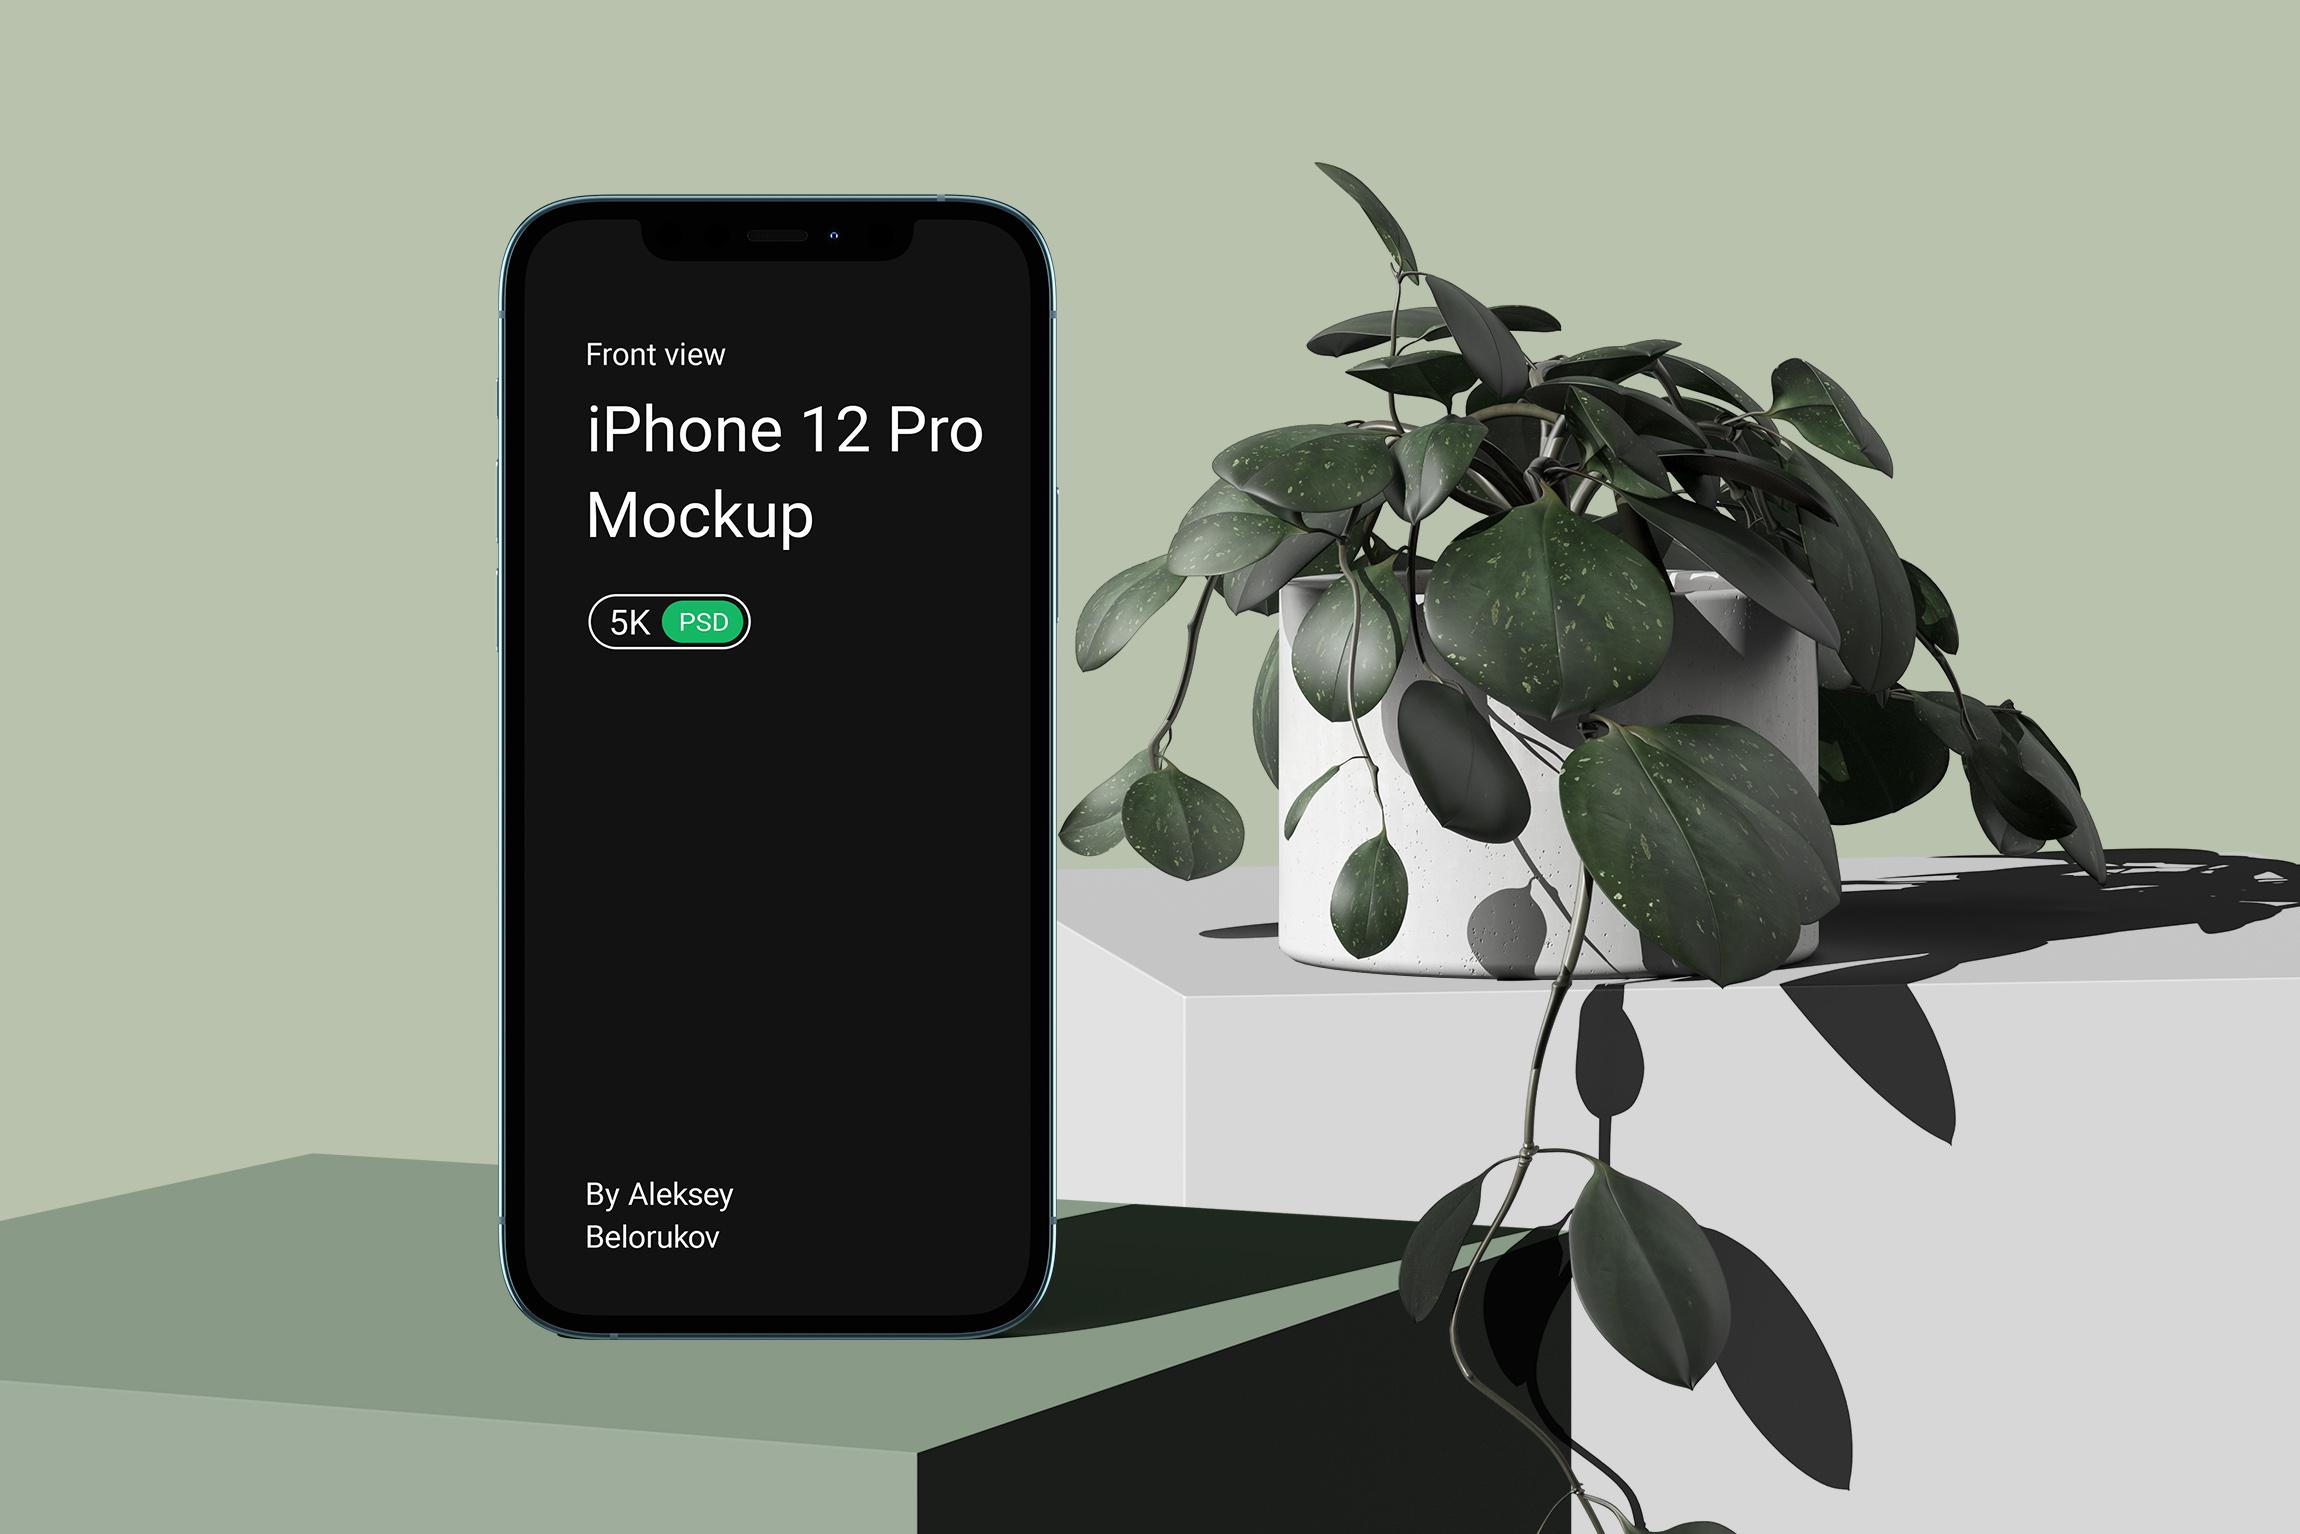 [单独购买] 15个超清前视图网页APP界面设计苹果设备屏幕演示样机 Device Pack Mockups – Front View插图8